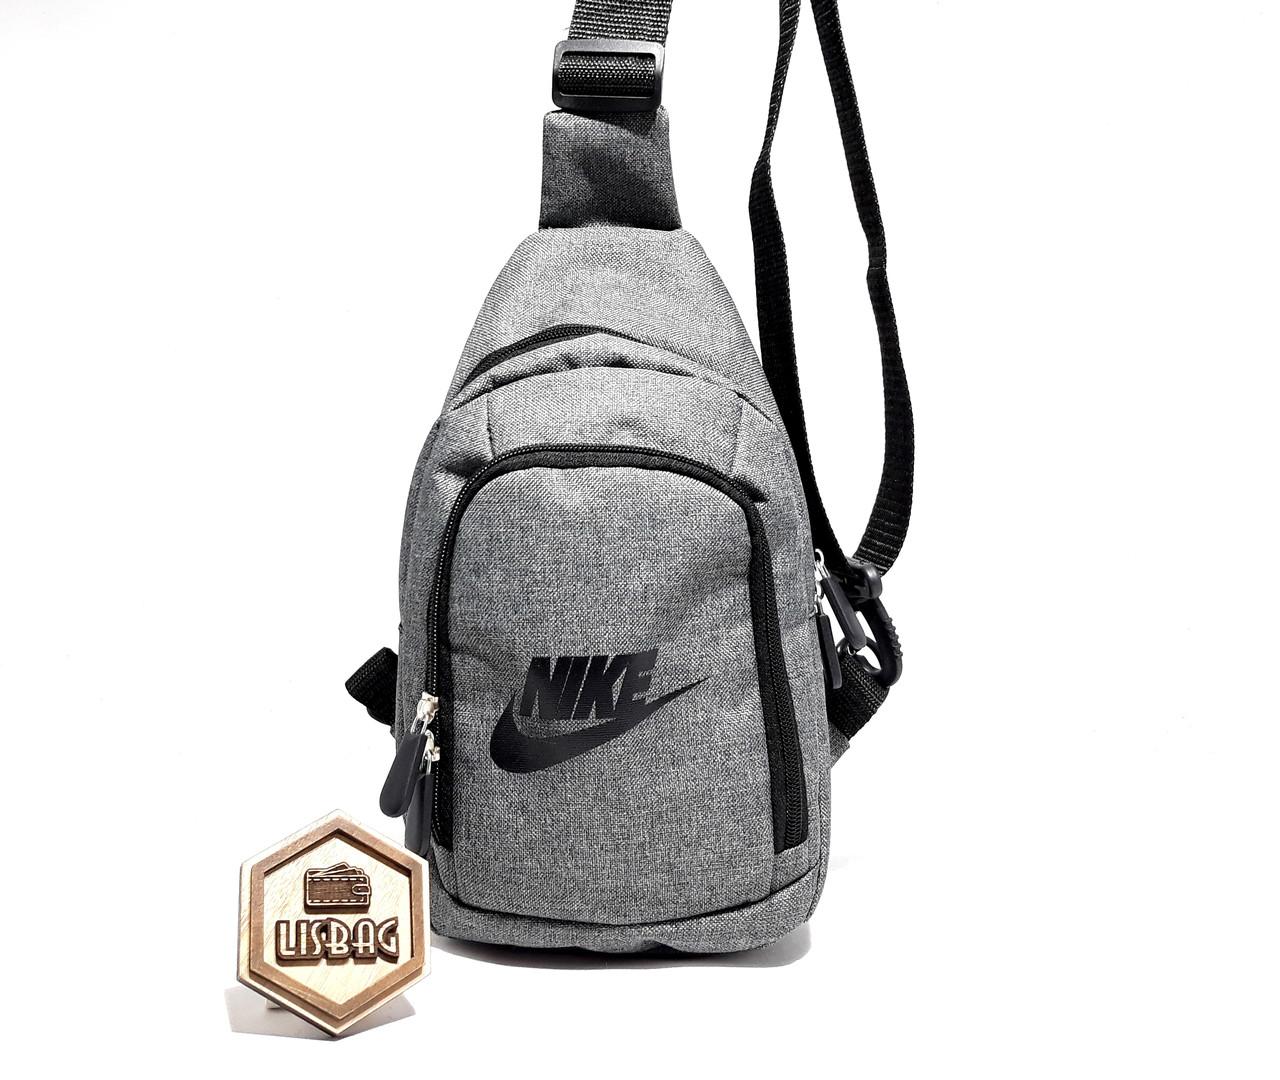 18a400e3 Мужская сумка слинг на грудь, барсетка из оксфорда Nike реплика люкс  качества , Серая